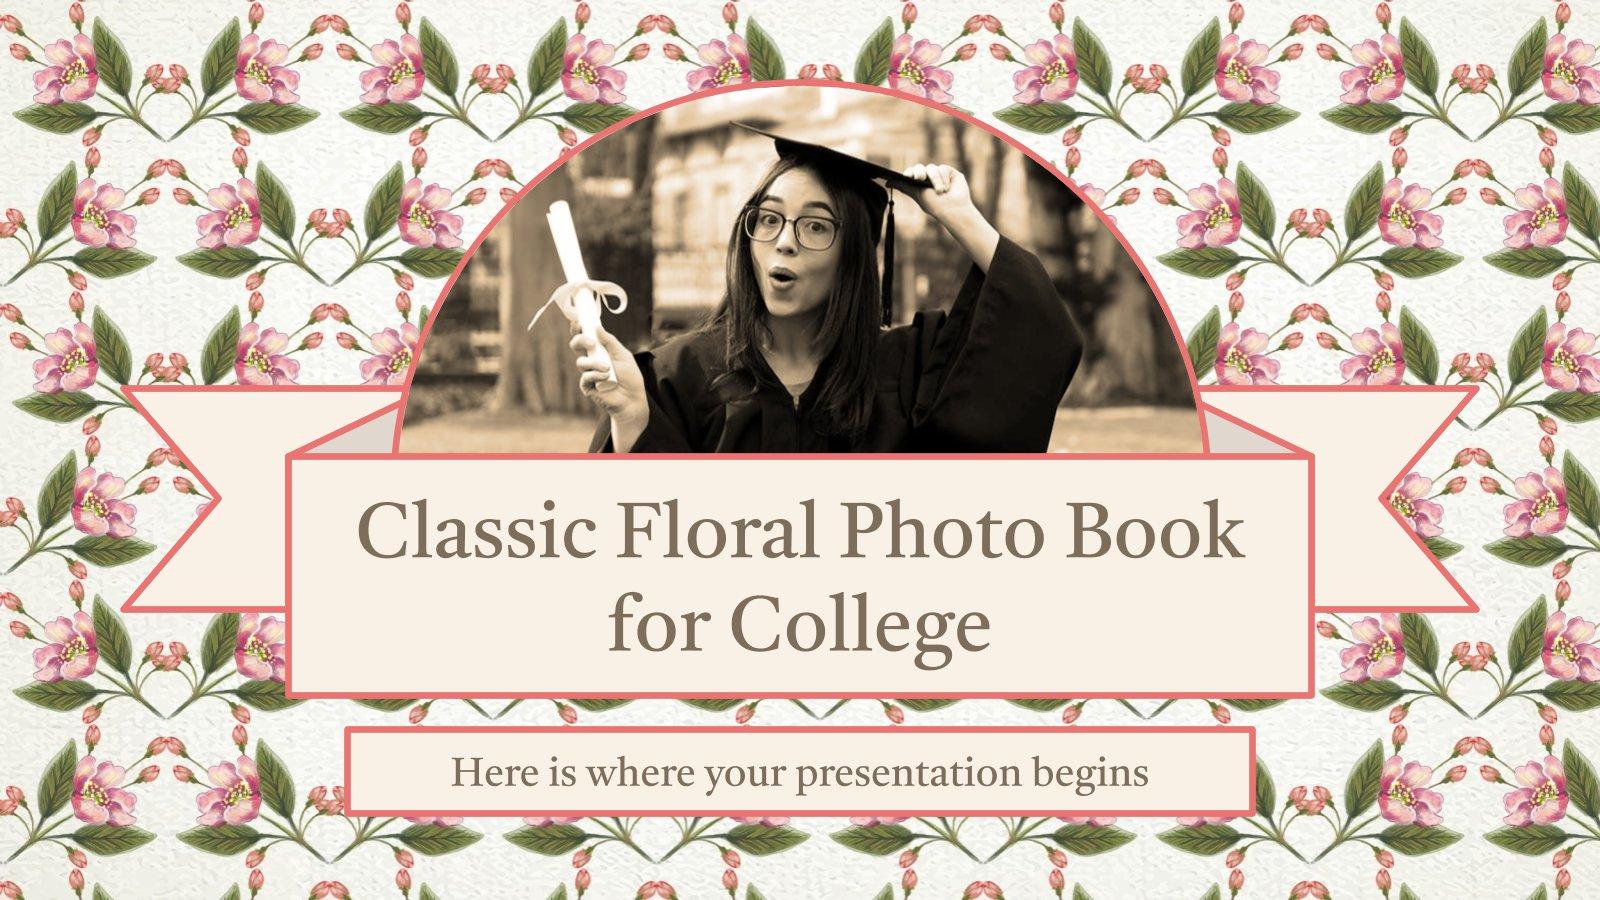 Plantilla de presentación Álbum de fotos floral clásico para la universidad